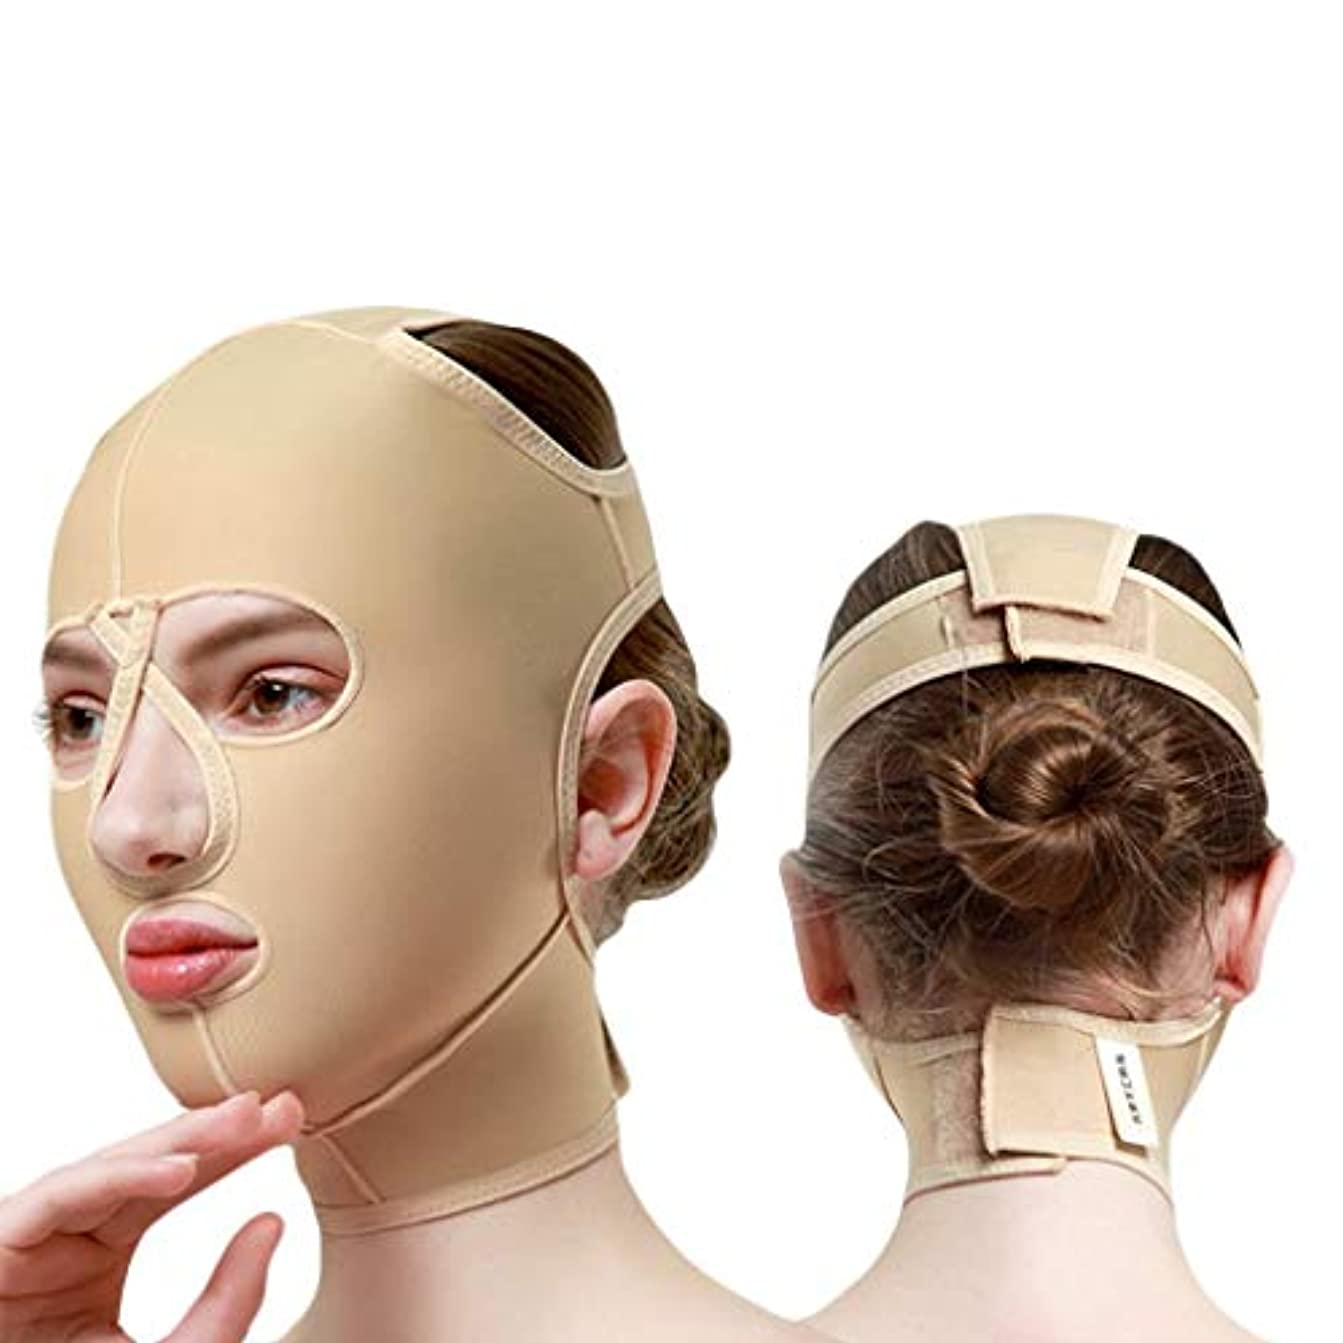 においペフ汚れたチンストラップ、顔彫りツール、リフティングマスク、ダブルチンリデューサー、フェイスリフティングエラスティックマスクメス(サイズ:M),XL